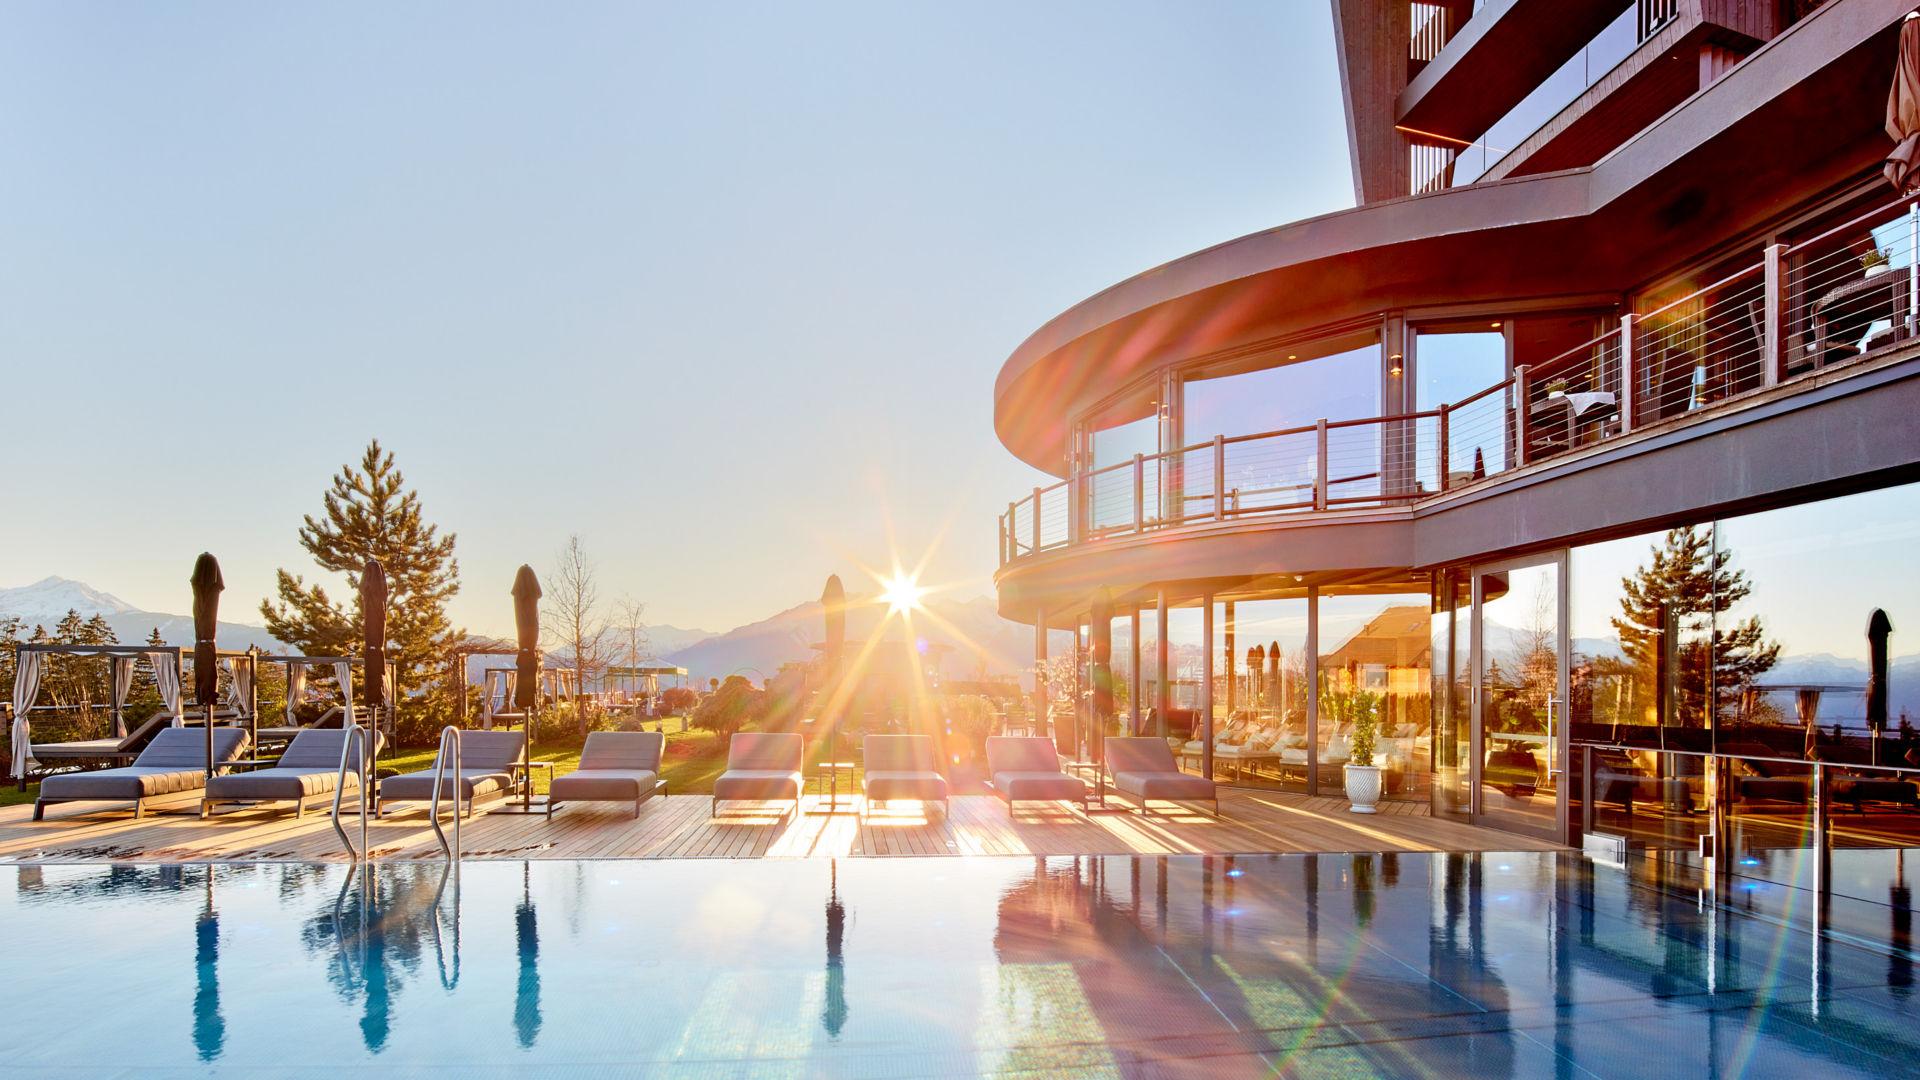 Hotel Benessere Mirabell Avelengo - Tramonto su piscina panoramica